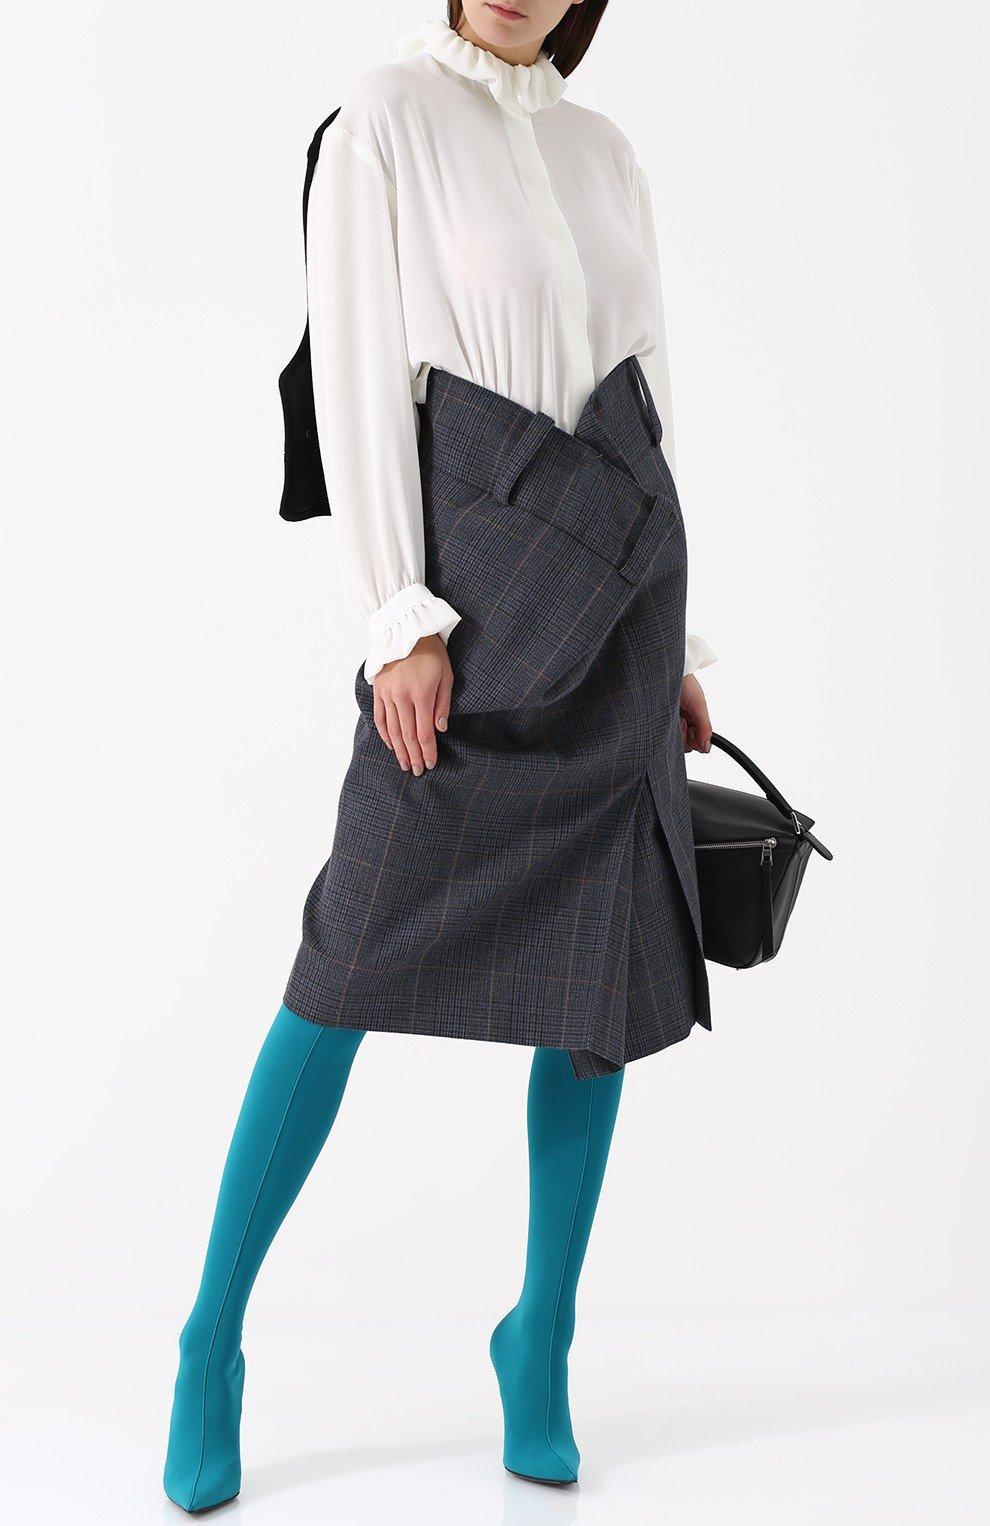 высокие бирюзовые сапоги-чулки мода весны 2018